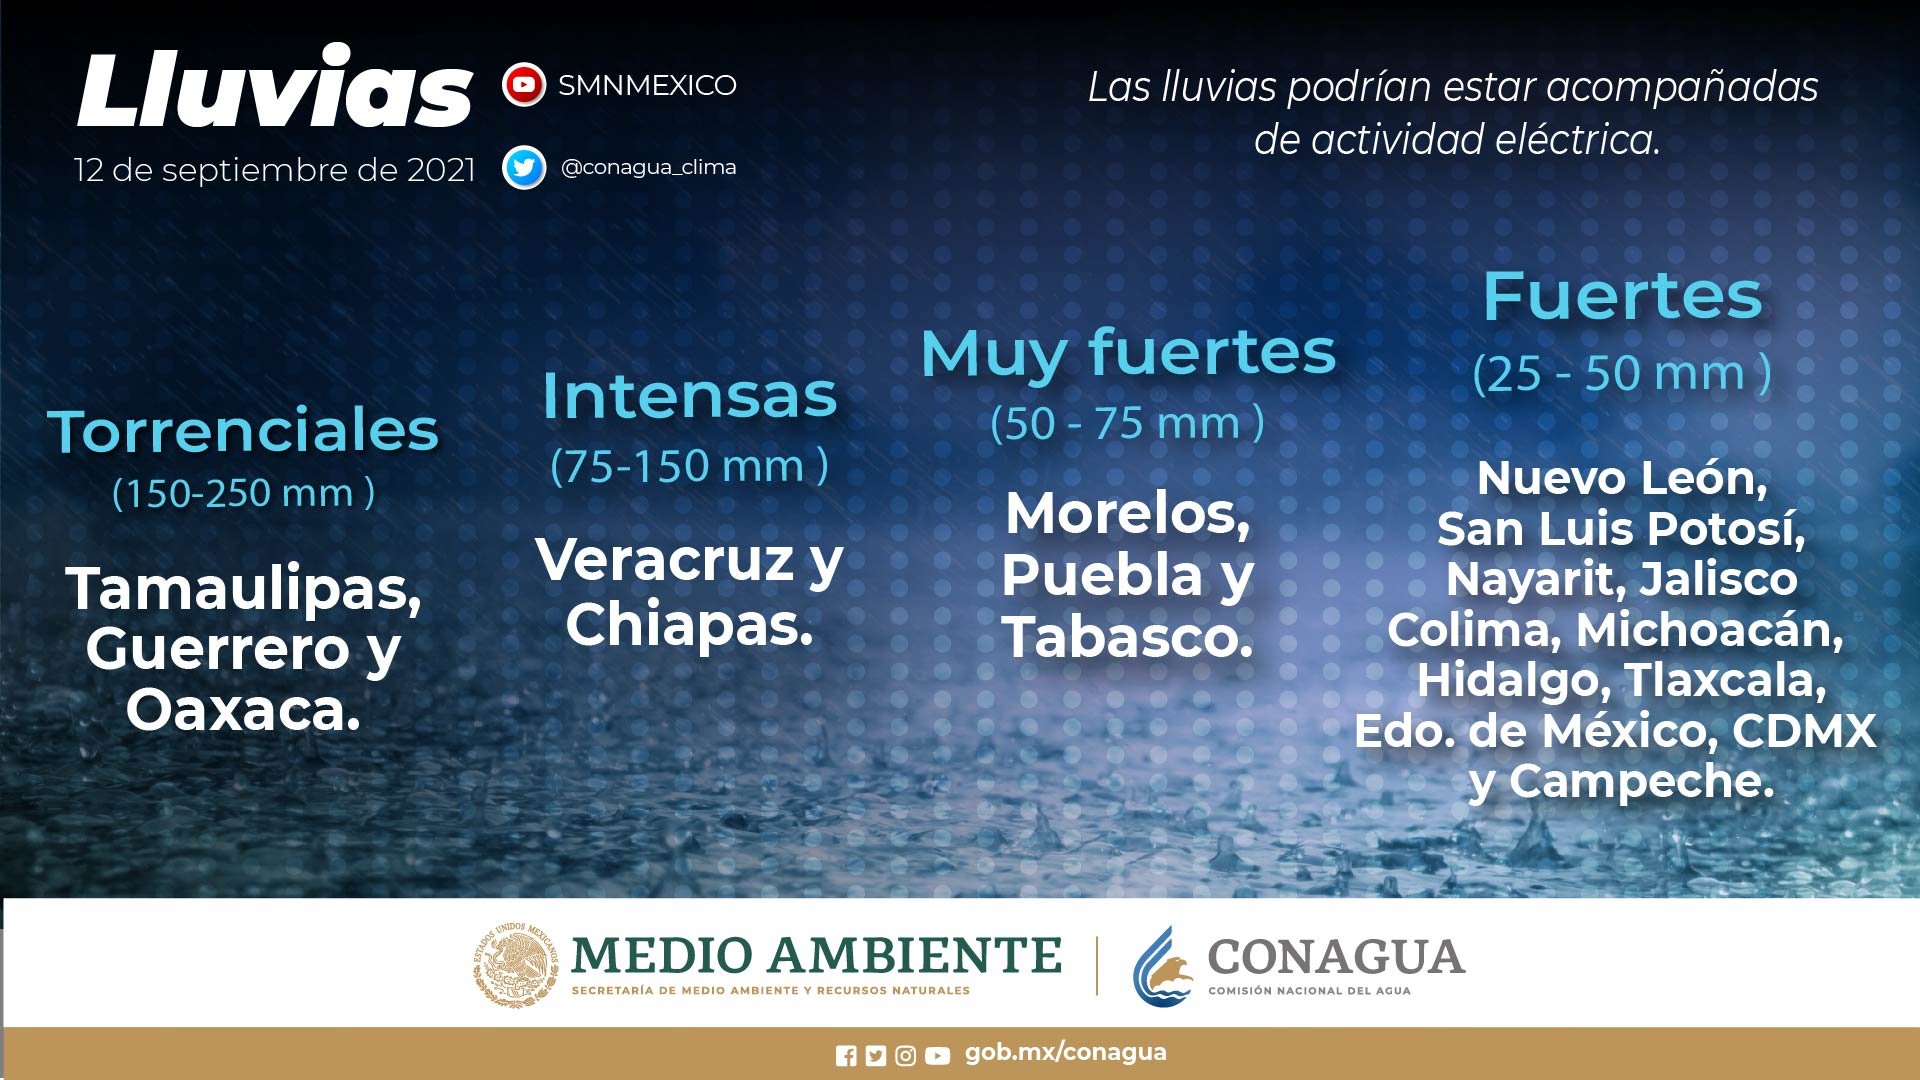 Nicholas y una zona de baja presión mantendrán el temporal de lluvias en el occidente, centro, oriente, sur y sureste de México